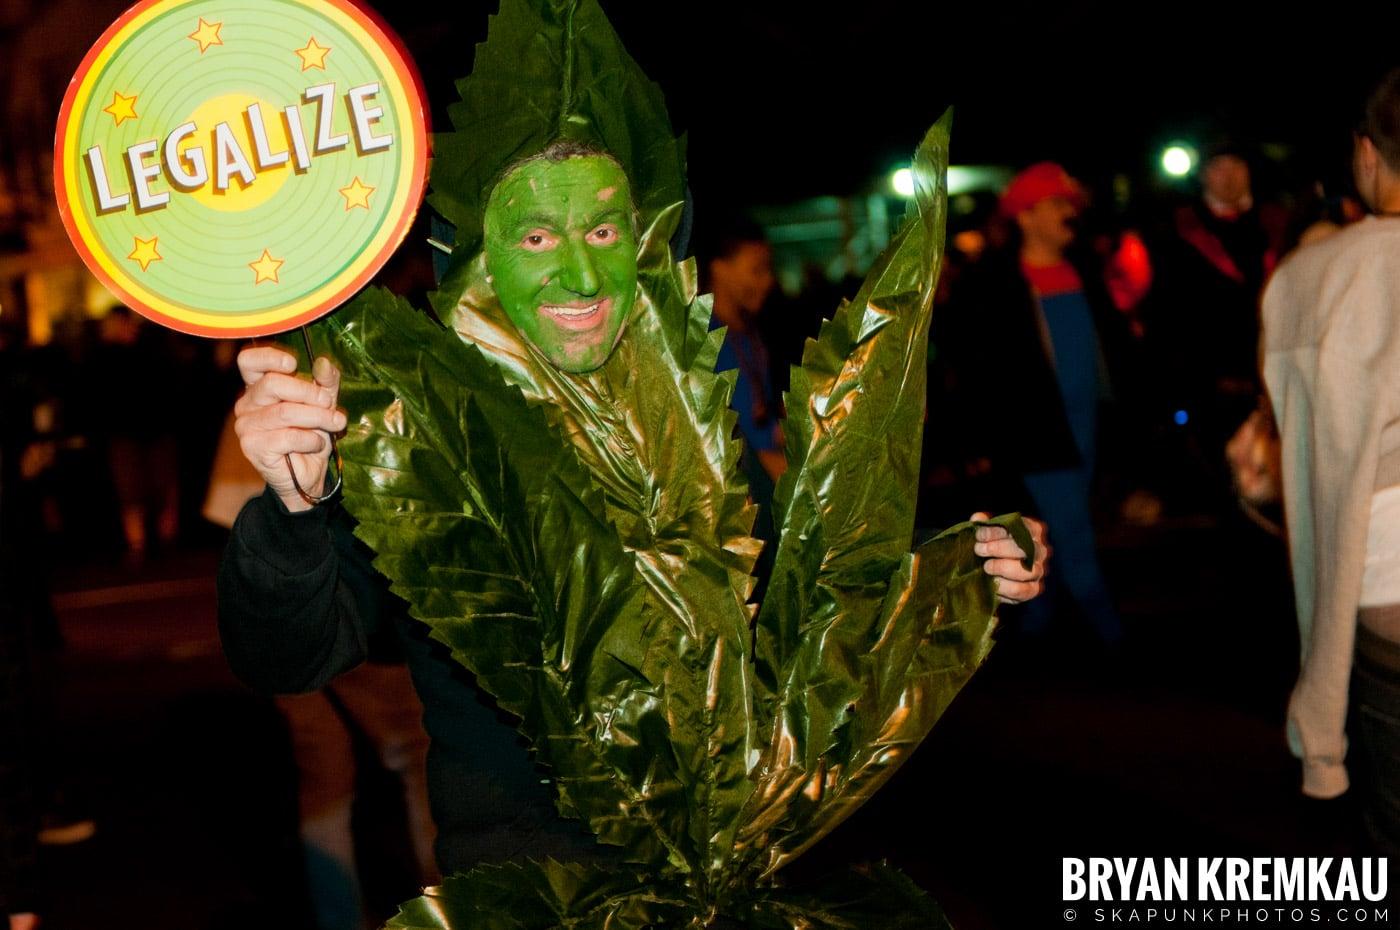 NYC Halloween Parade 2011 @ New York, NY - 10.31.11 (45)